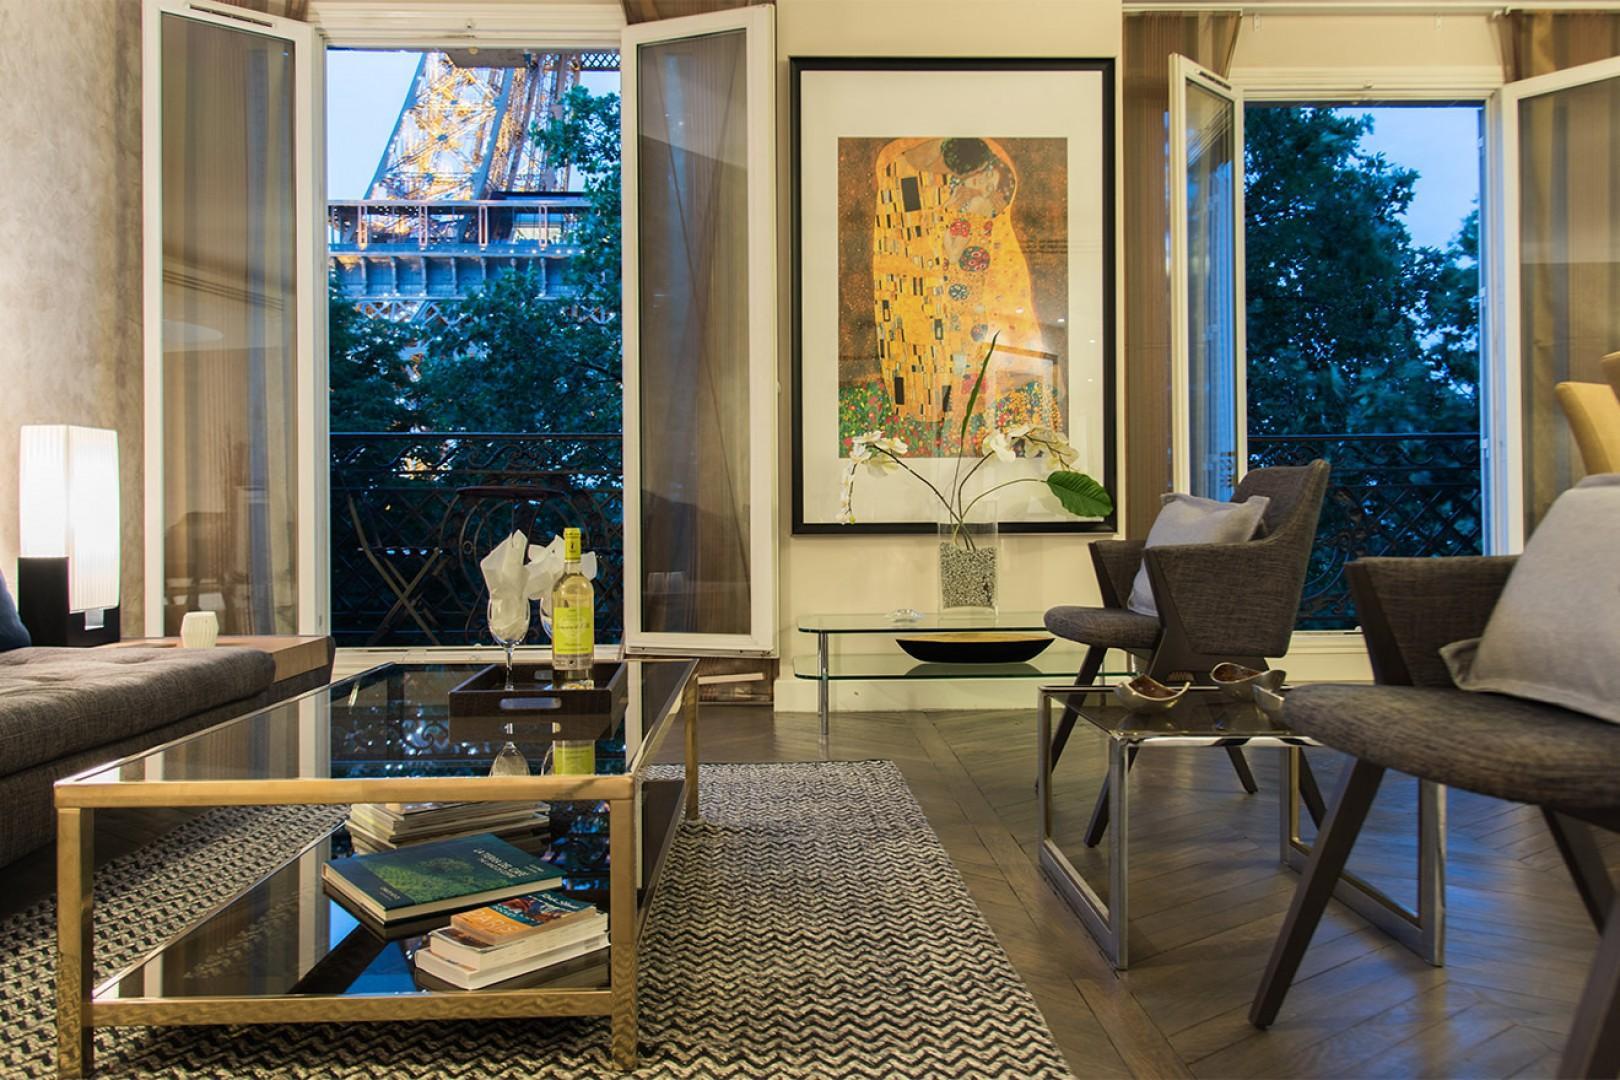 Our romantic Viognier apartment offers this unbeatable Paris view.